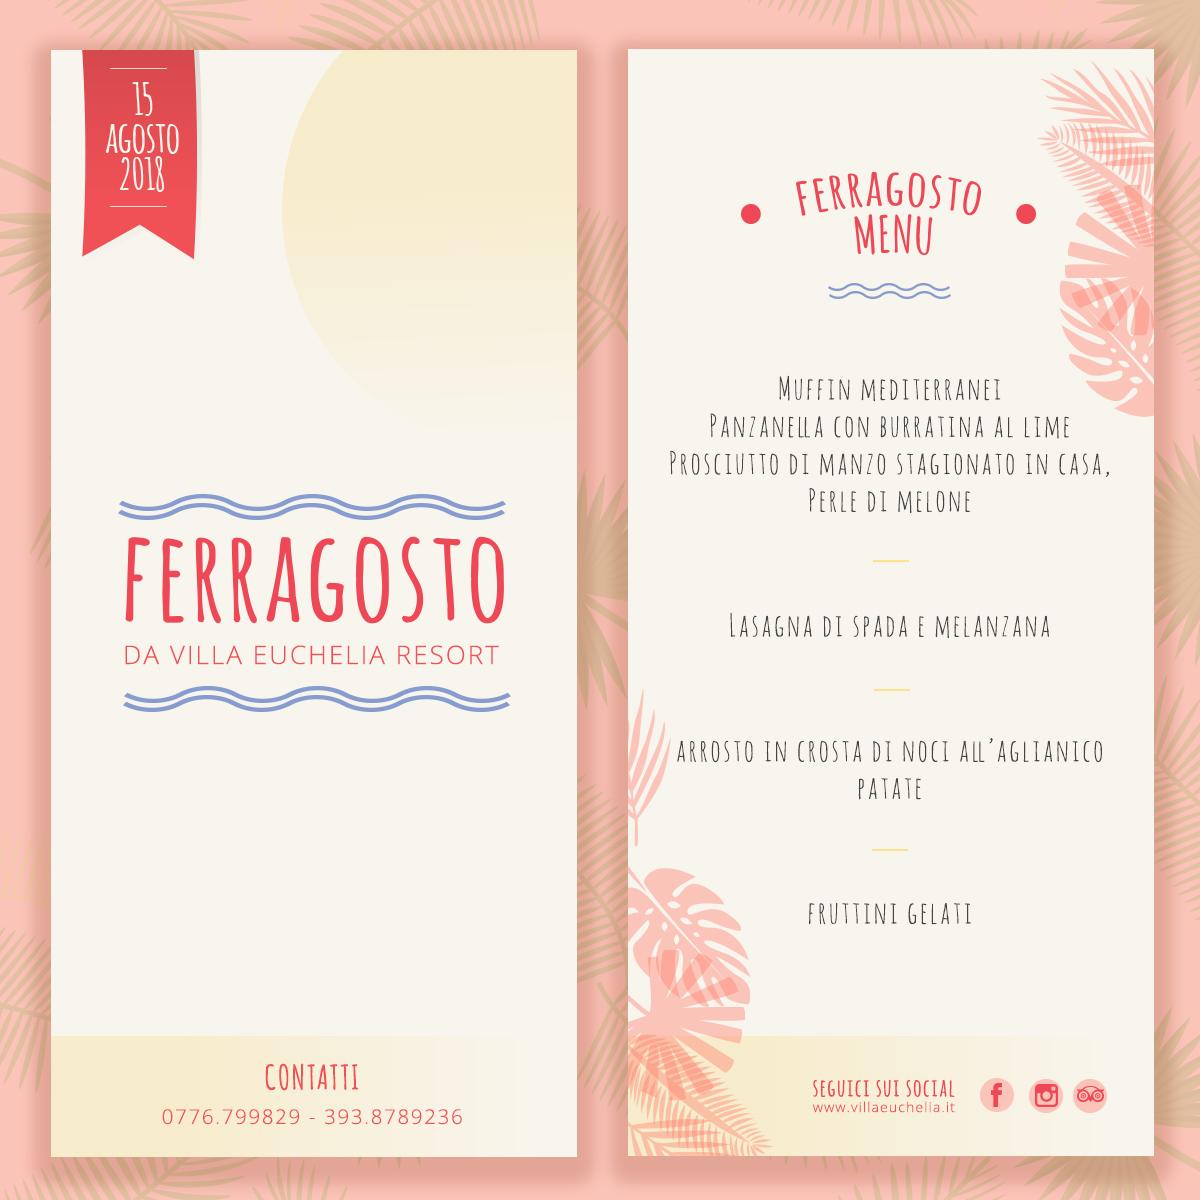 menu-ferragosto_sito